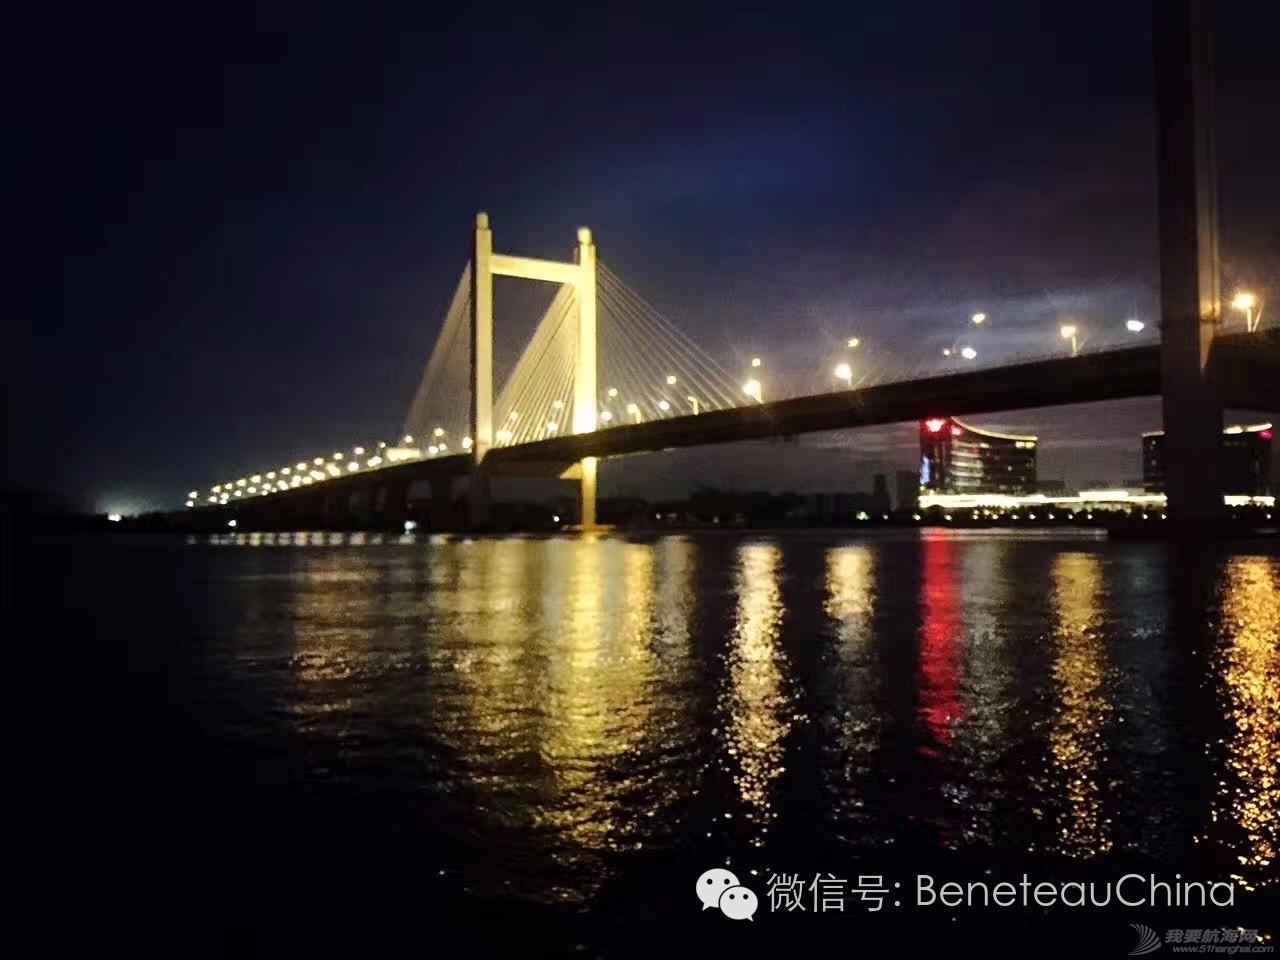 体验榕城航海文化,学习与休整并行 —记中国船东海岸拉力赛福州站见闻 a5025d96771a9dbe5a1dcff0053abf19.jpg